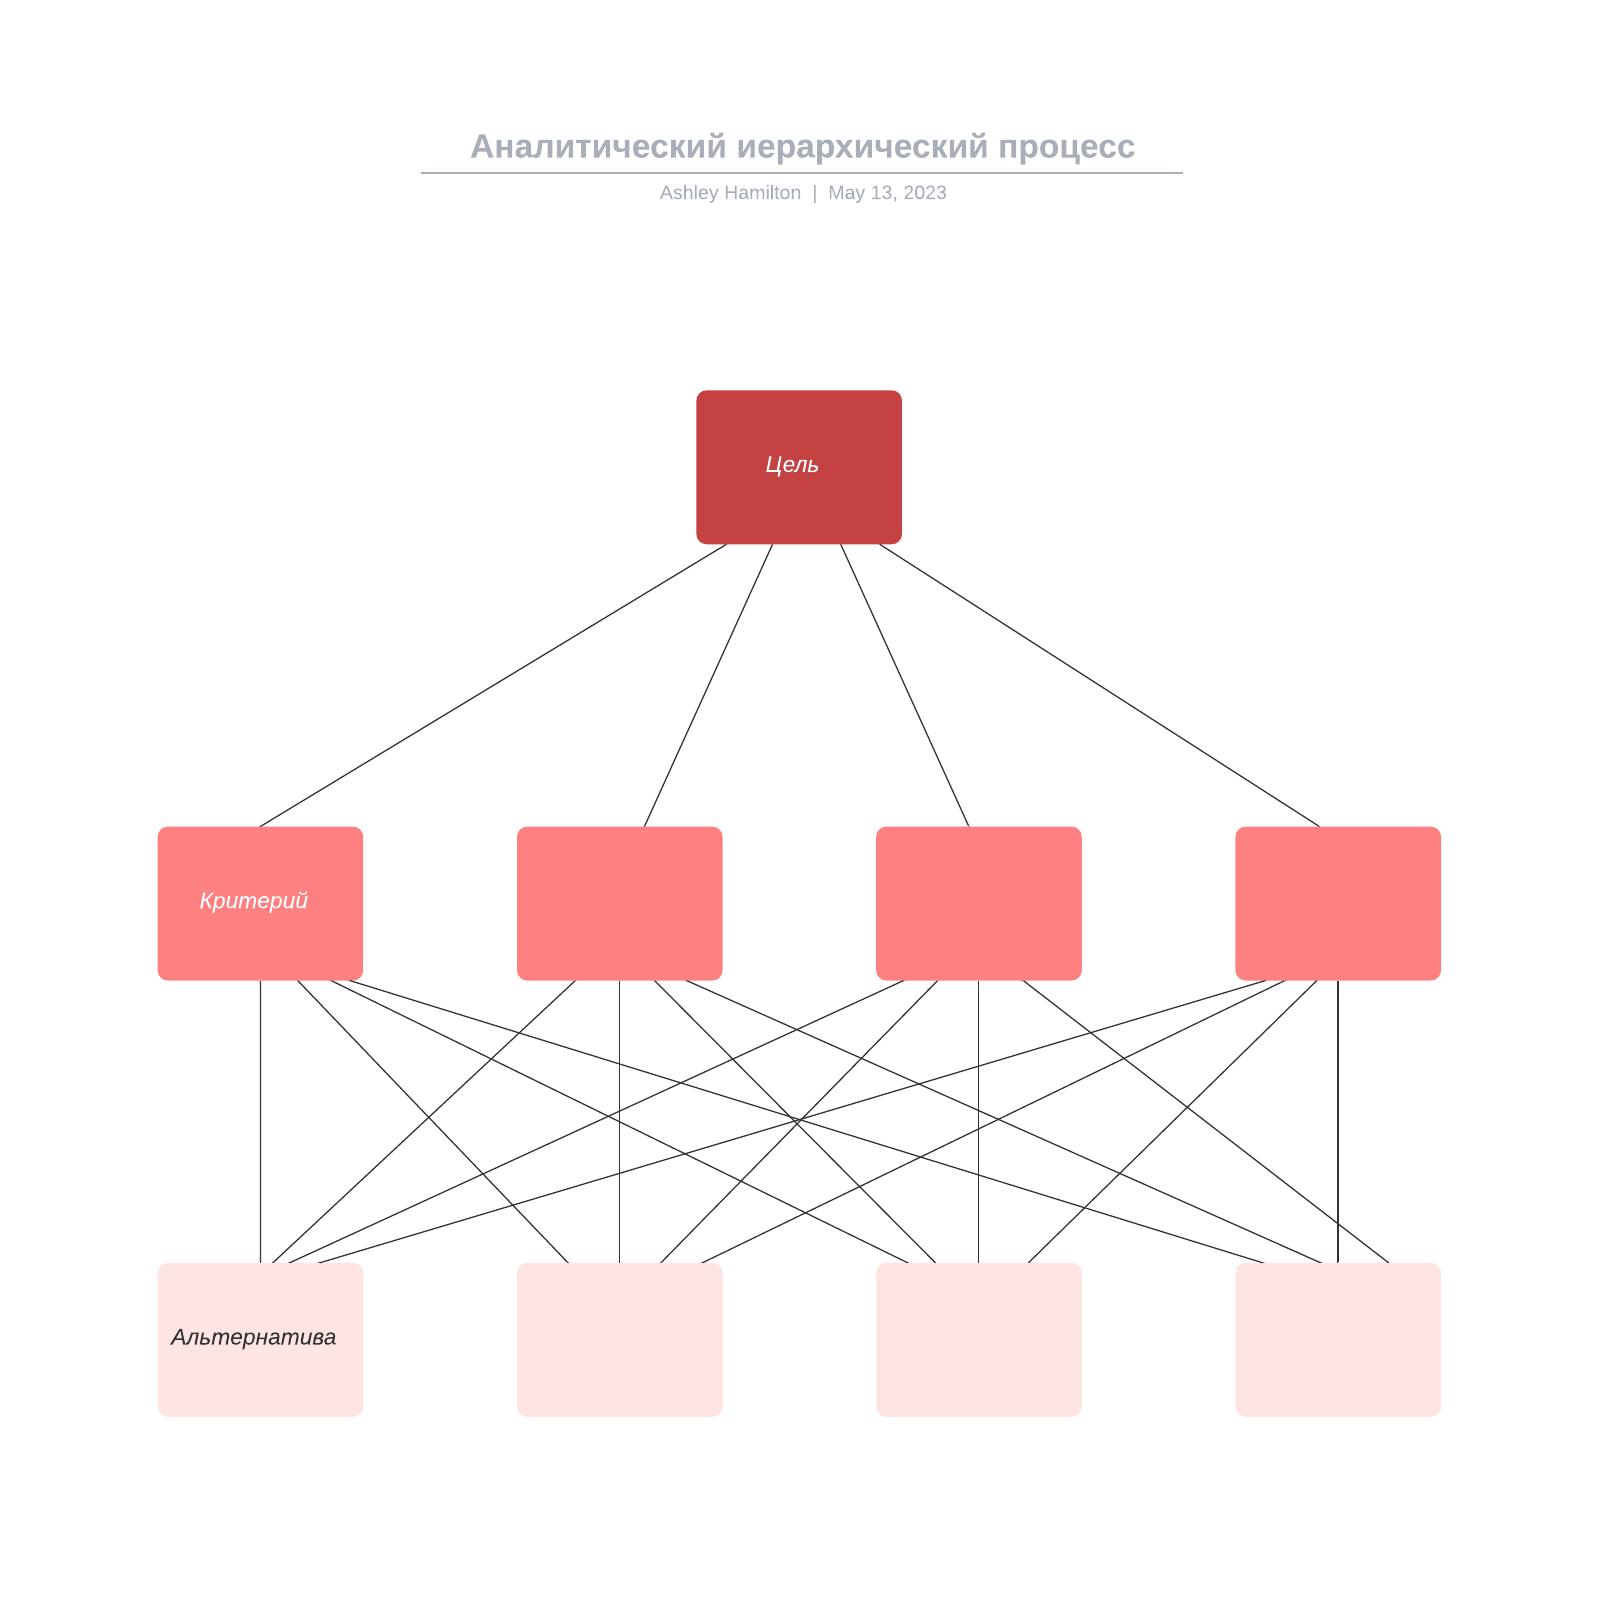 Аналитический иерархический процесс